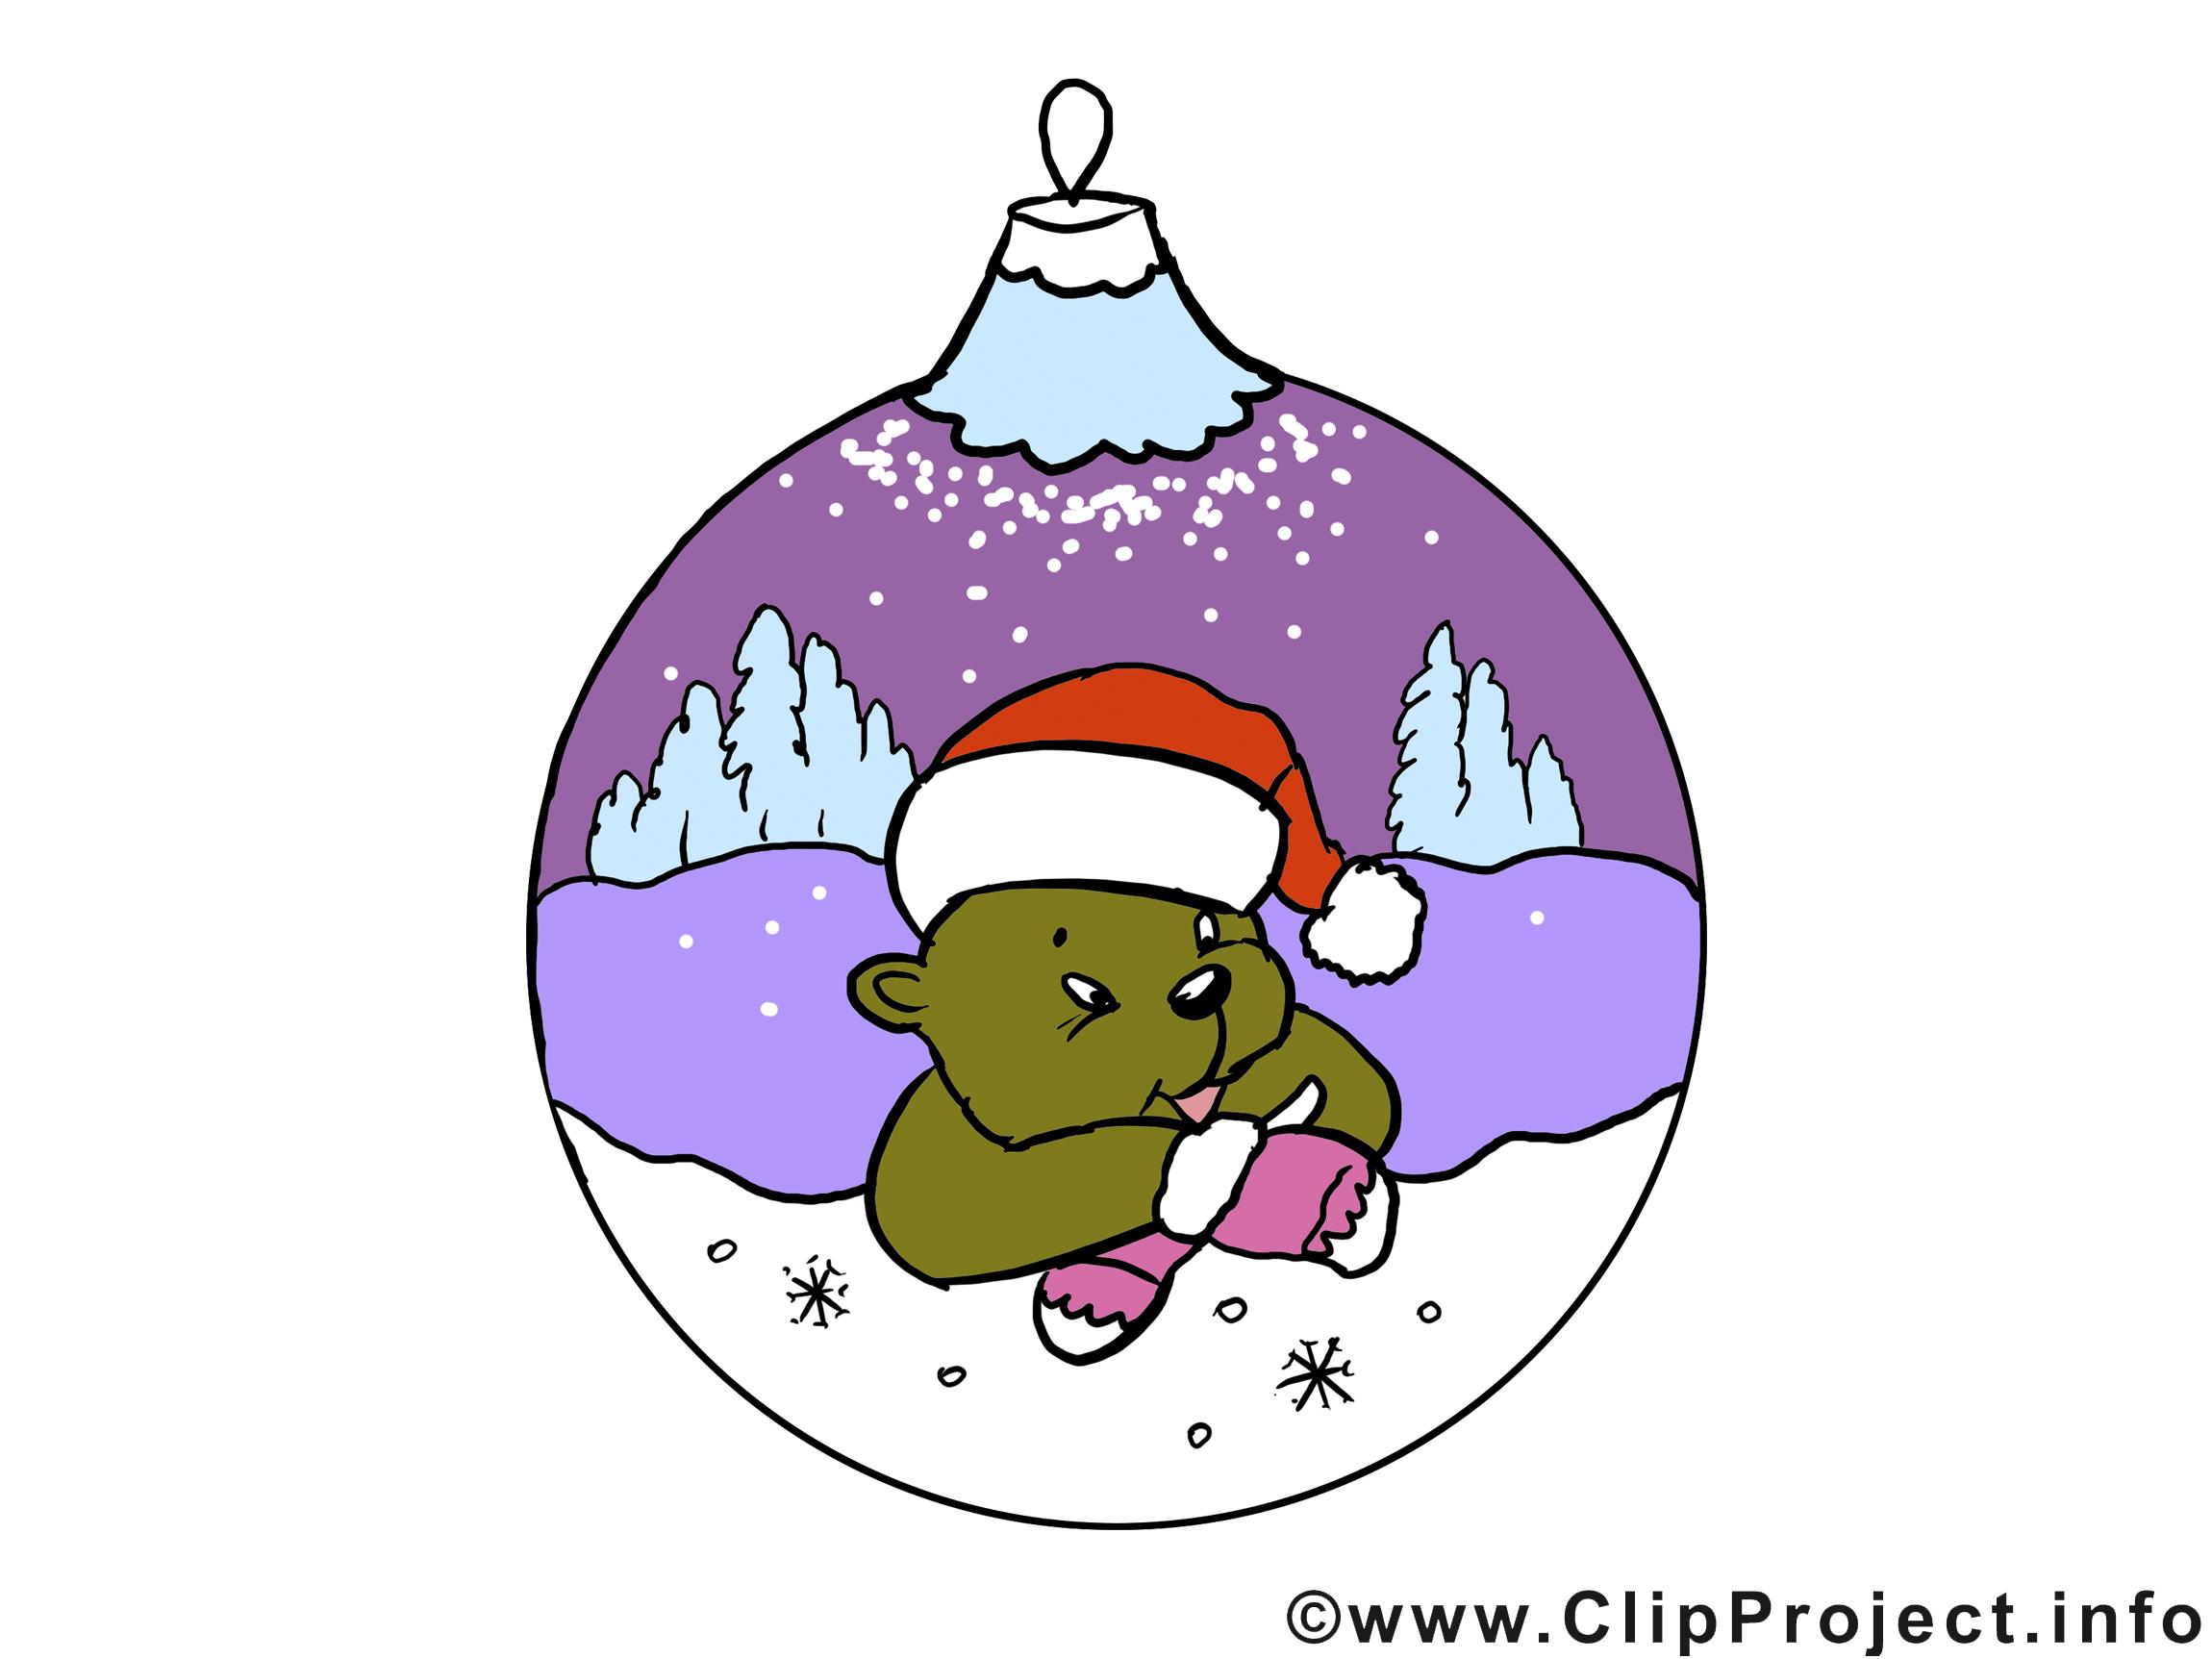 Ours hiver image gratuite – Bonne année clipart